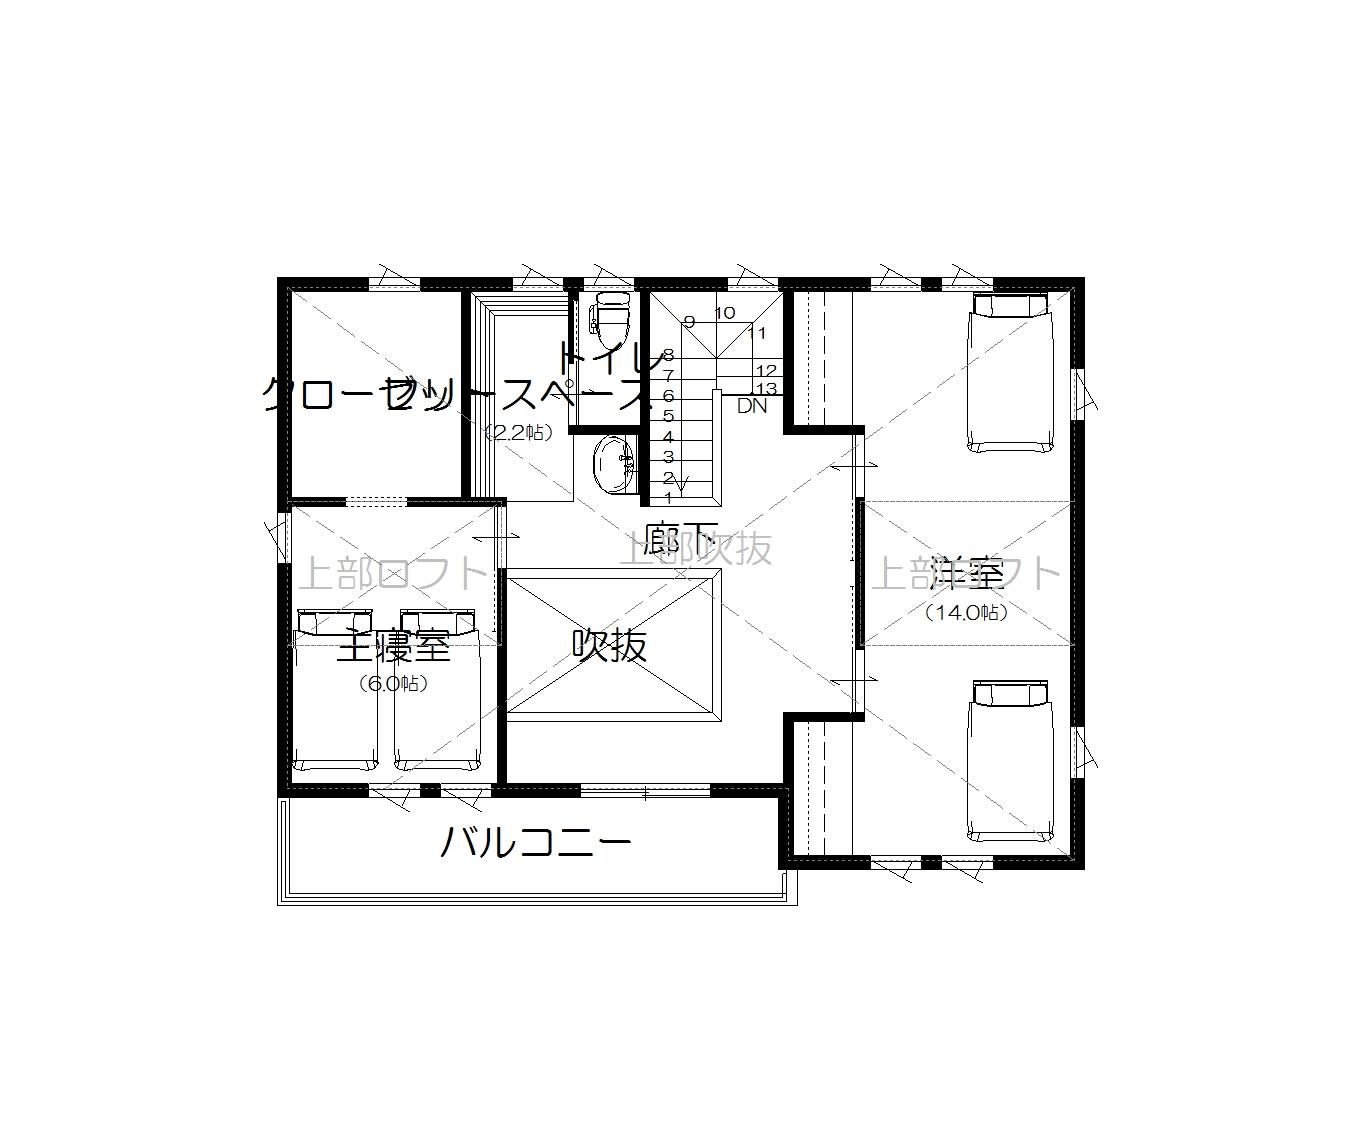 美濃加茂の匠建、M様邸平面図2F